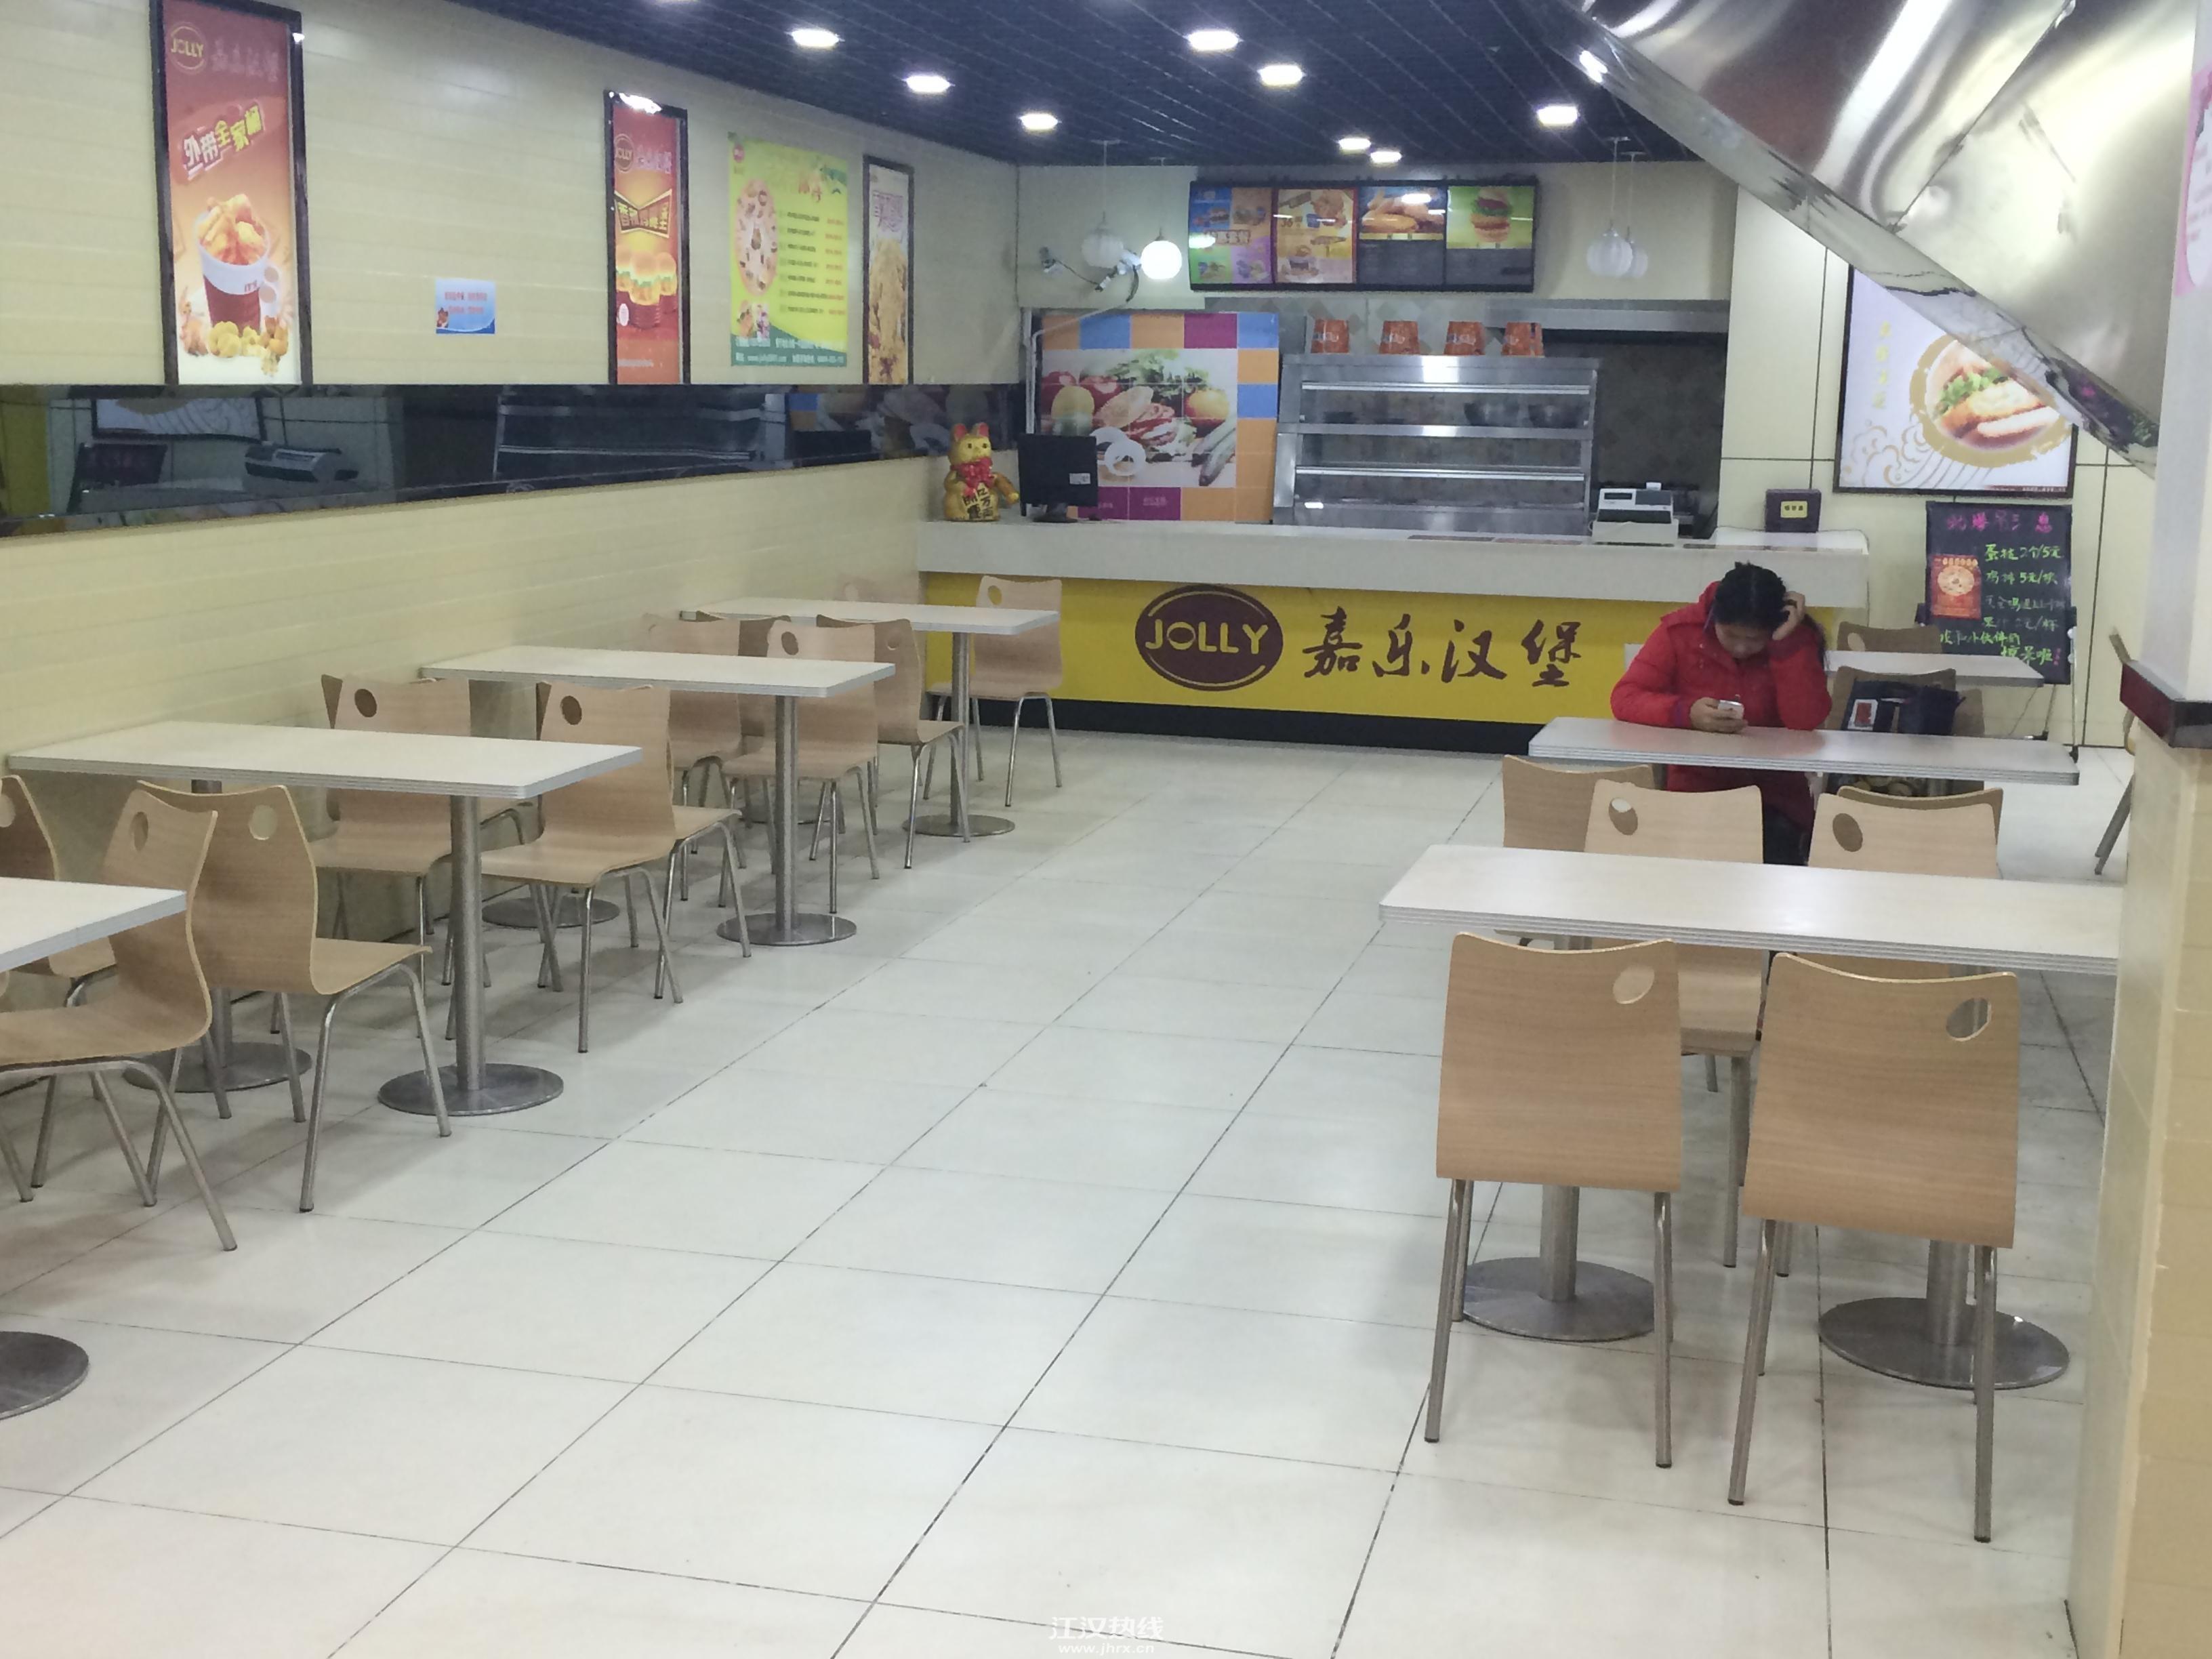 一中对面富迪商广内嘉乐汉堡店转让或合作经营